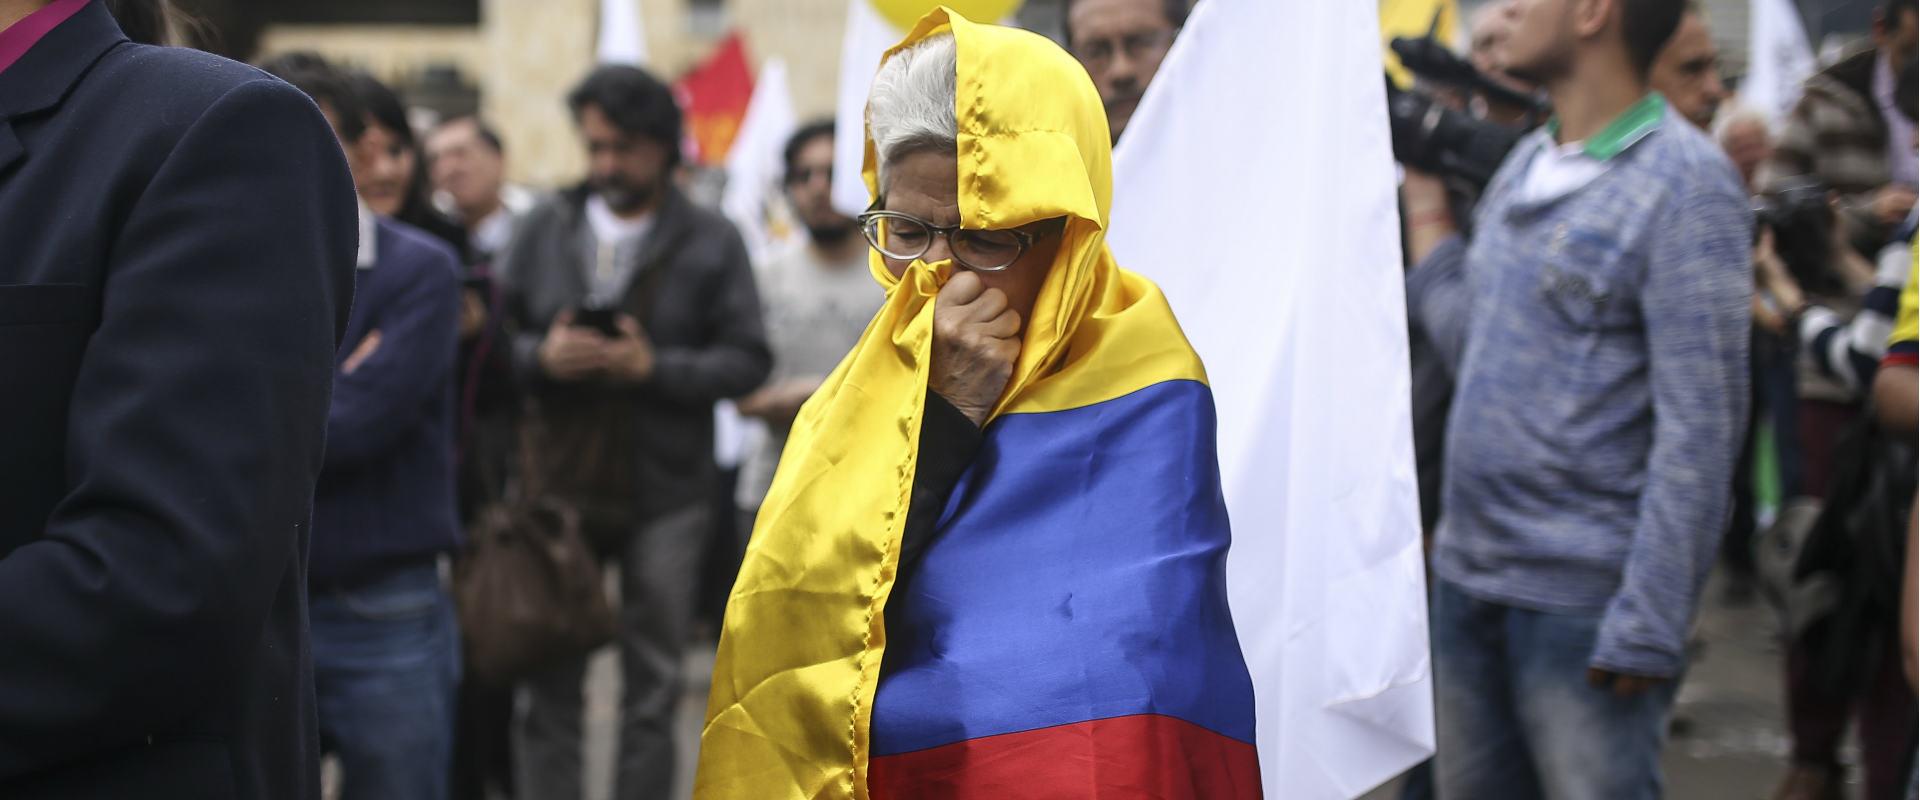 תומכת בהסכם השלום עם FARC בבוגוטה